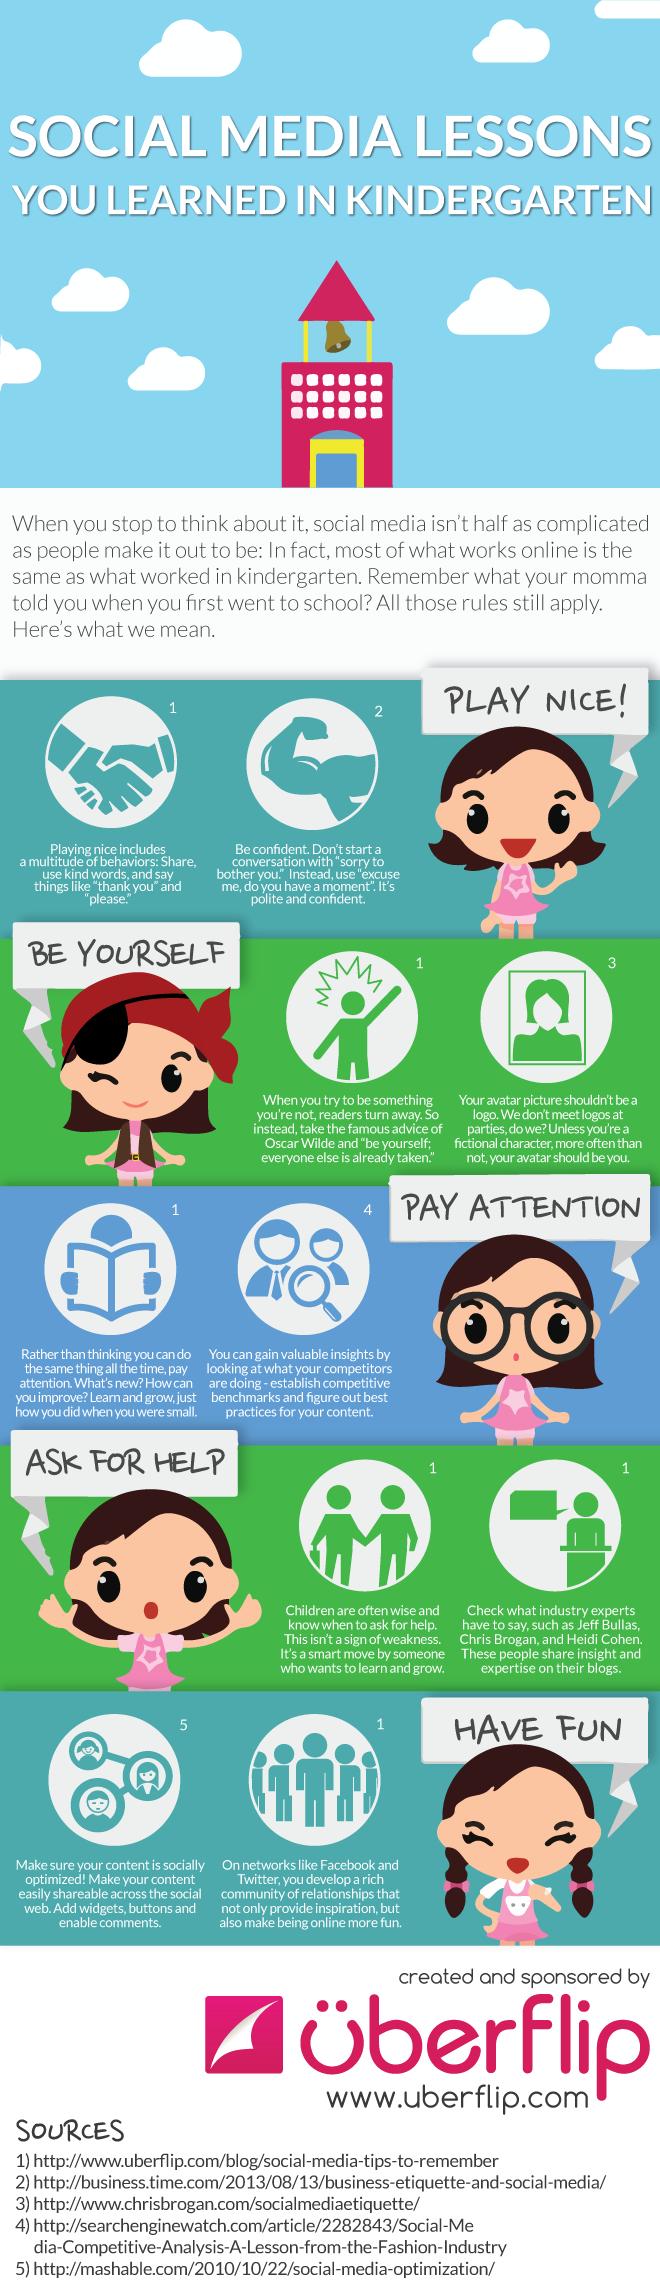 Lecciones de social media que aprendimos en la guardería.